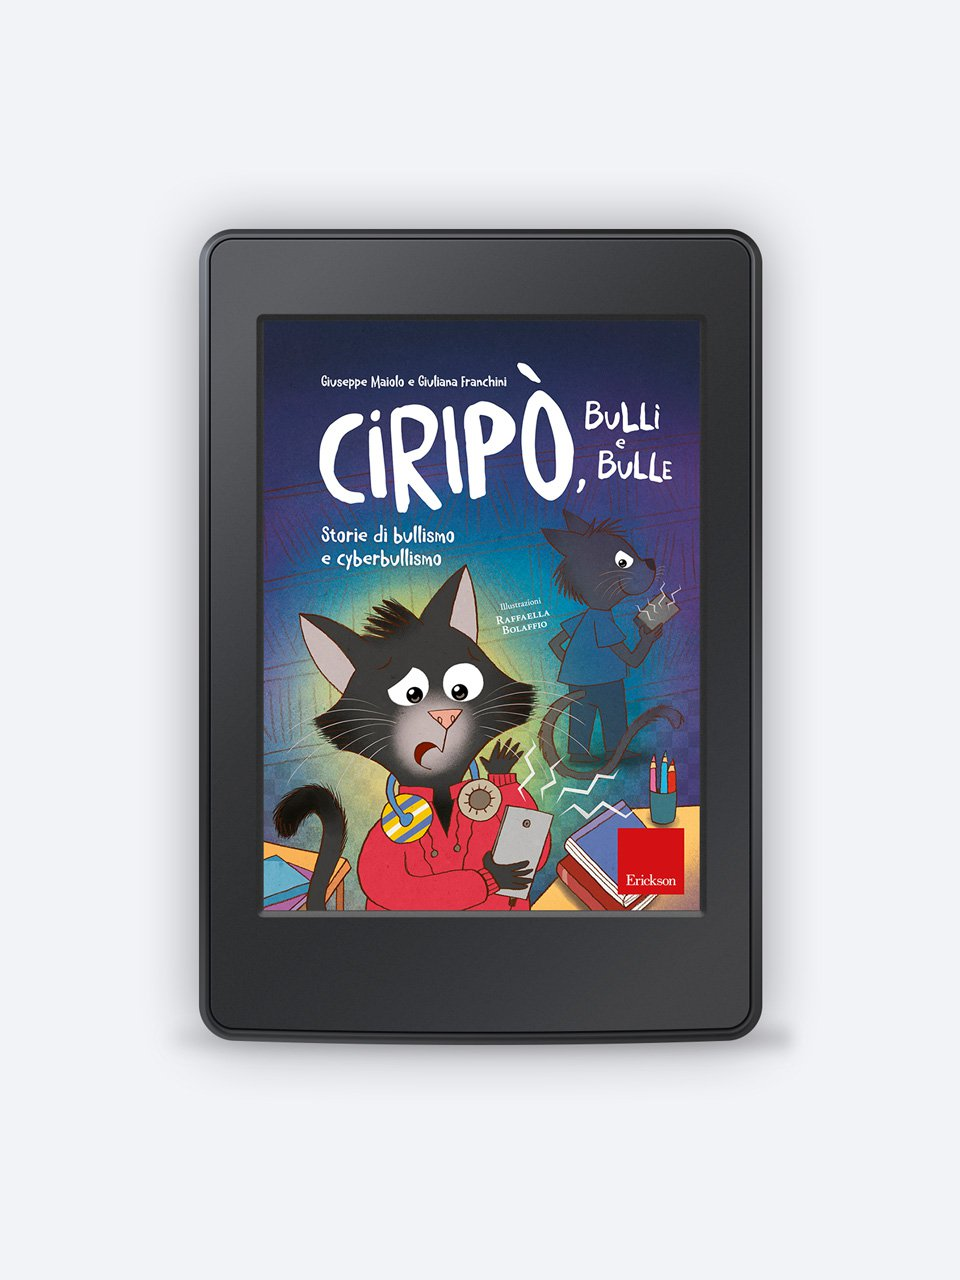 Ciripò, bulli e bulle - Raccontare storie aiuta i bambini - Libri - Erickson